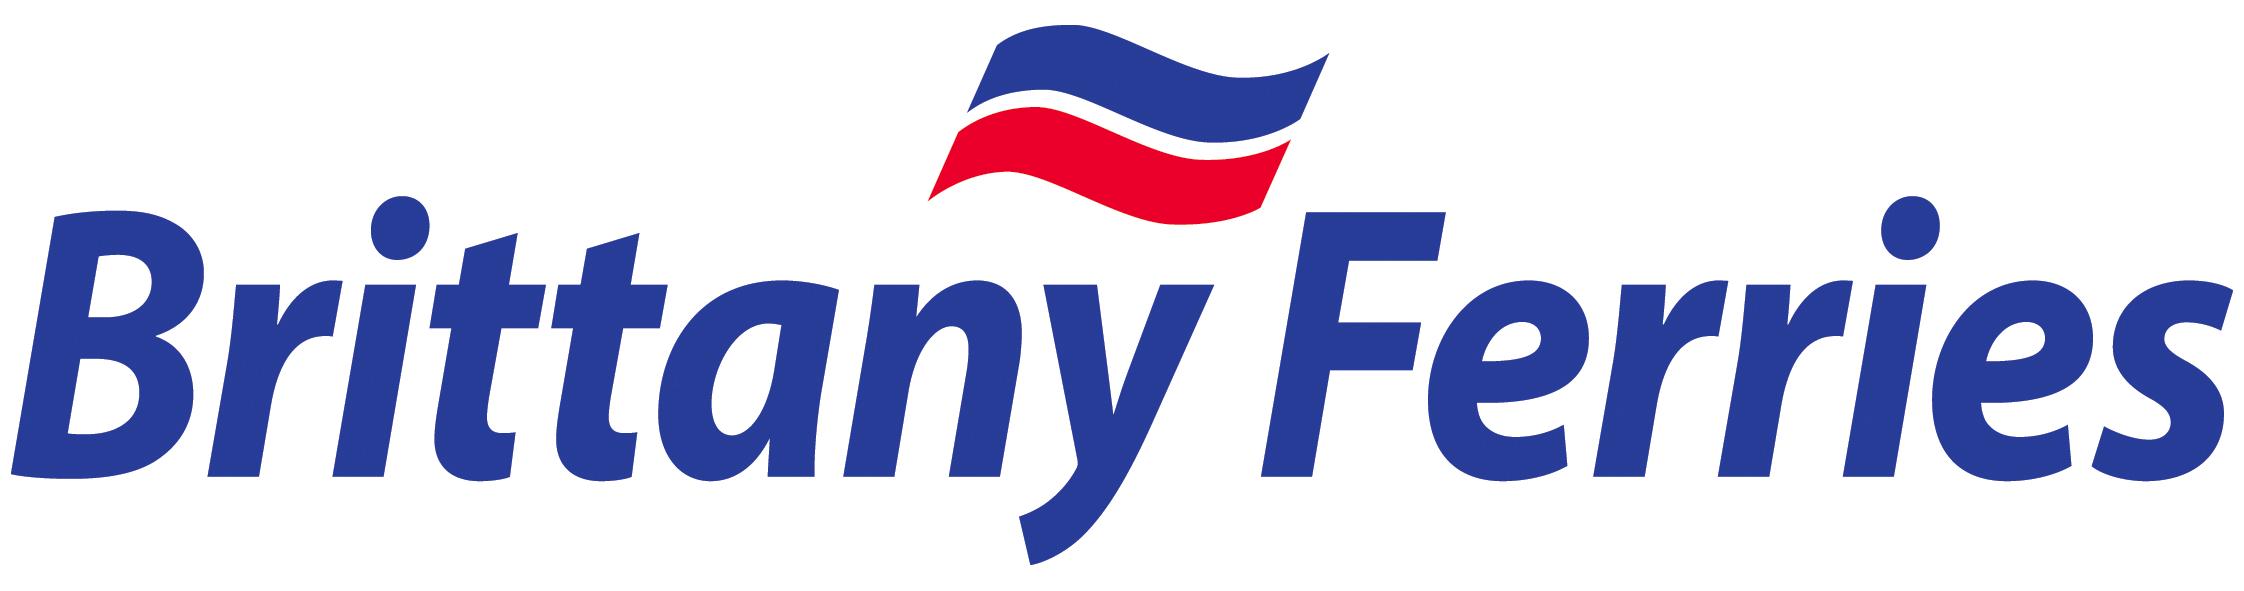 Logo Brittany Ferries - RÉSEAU ENTREPRISES PARTENAIRES ITC